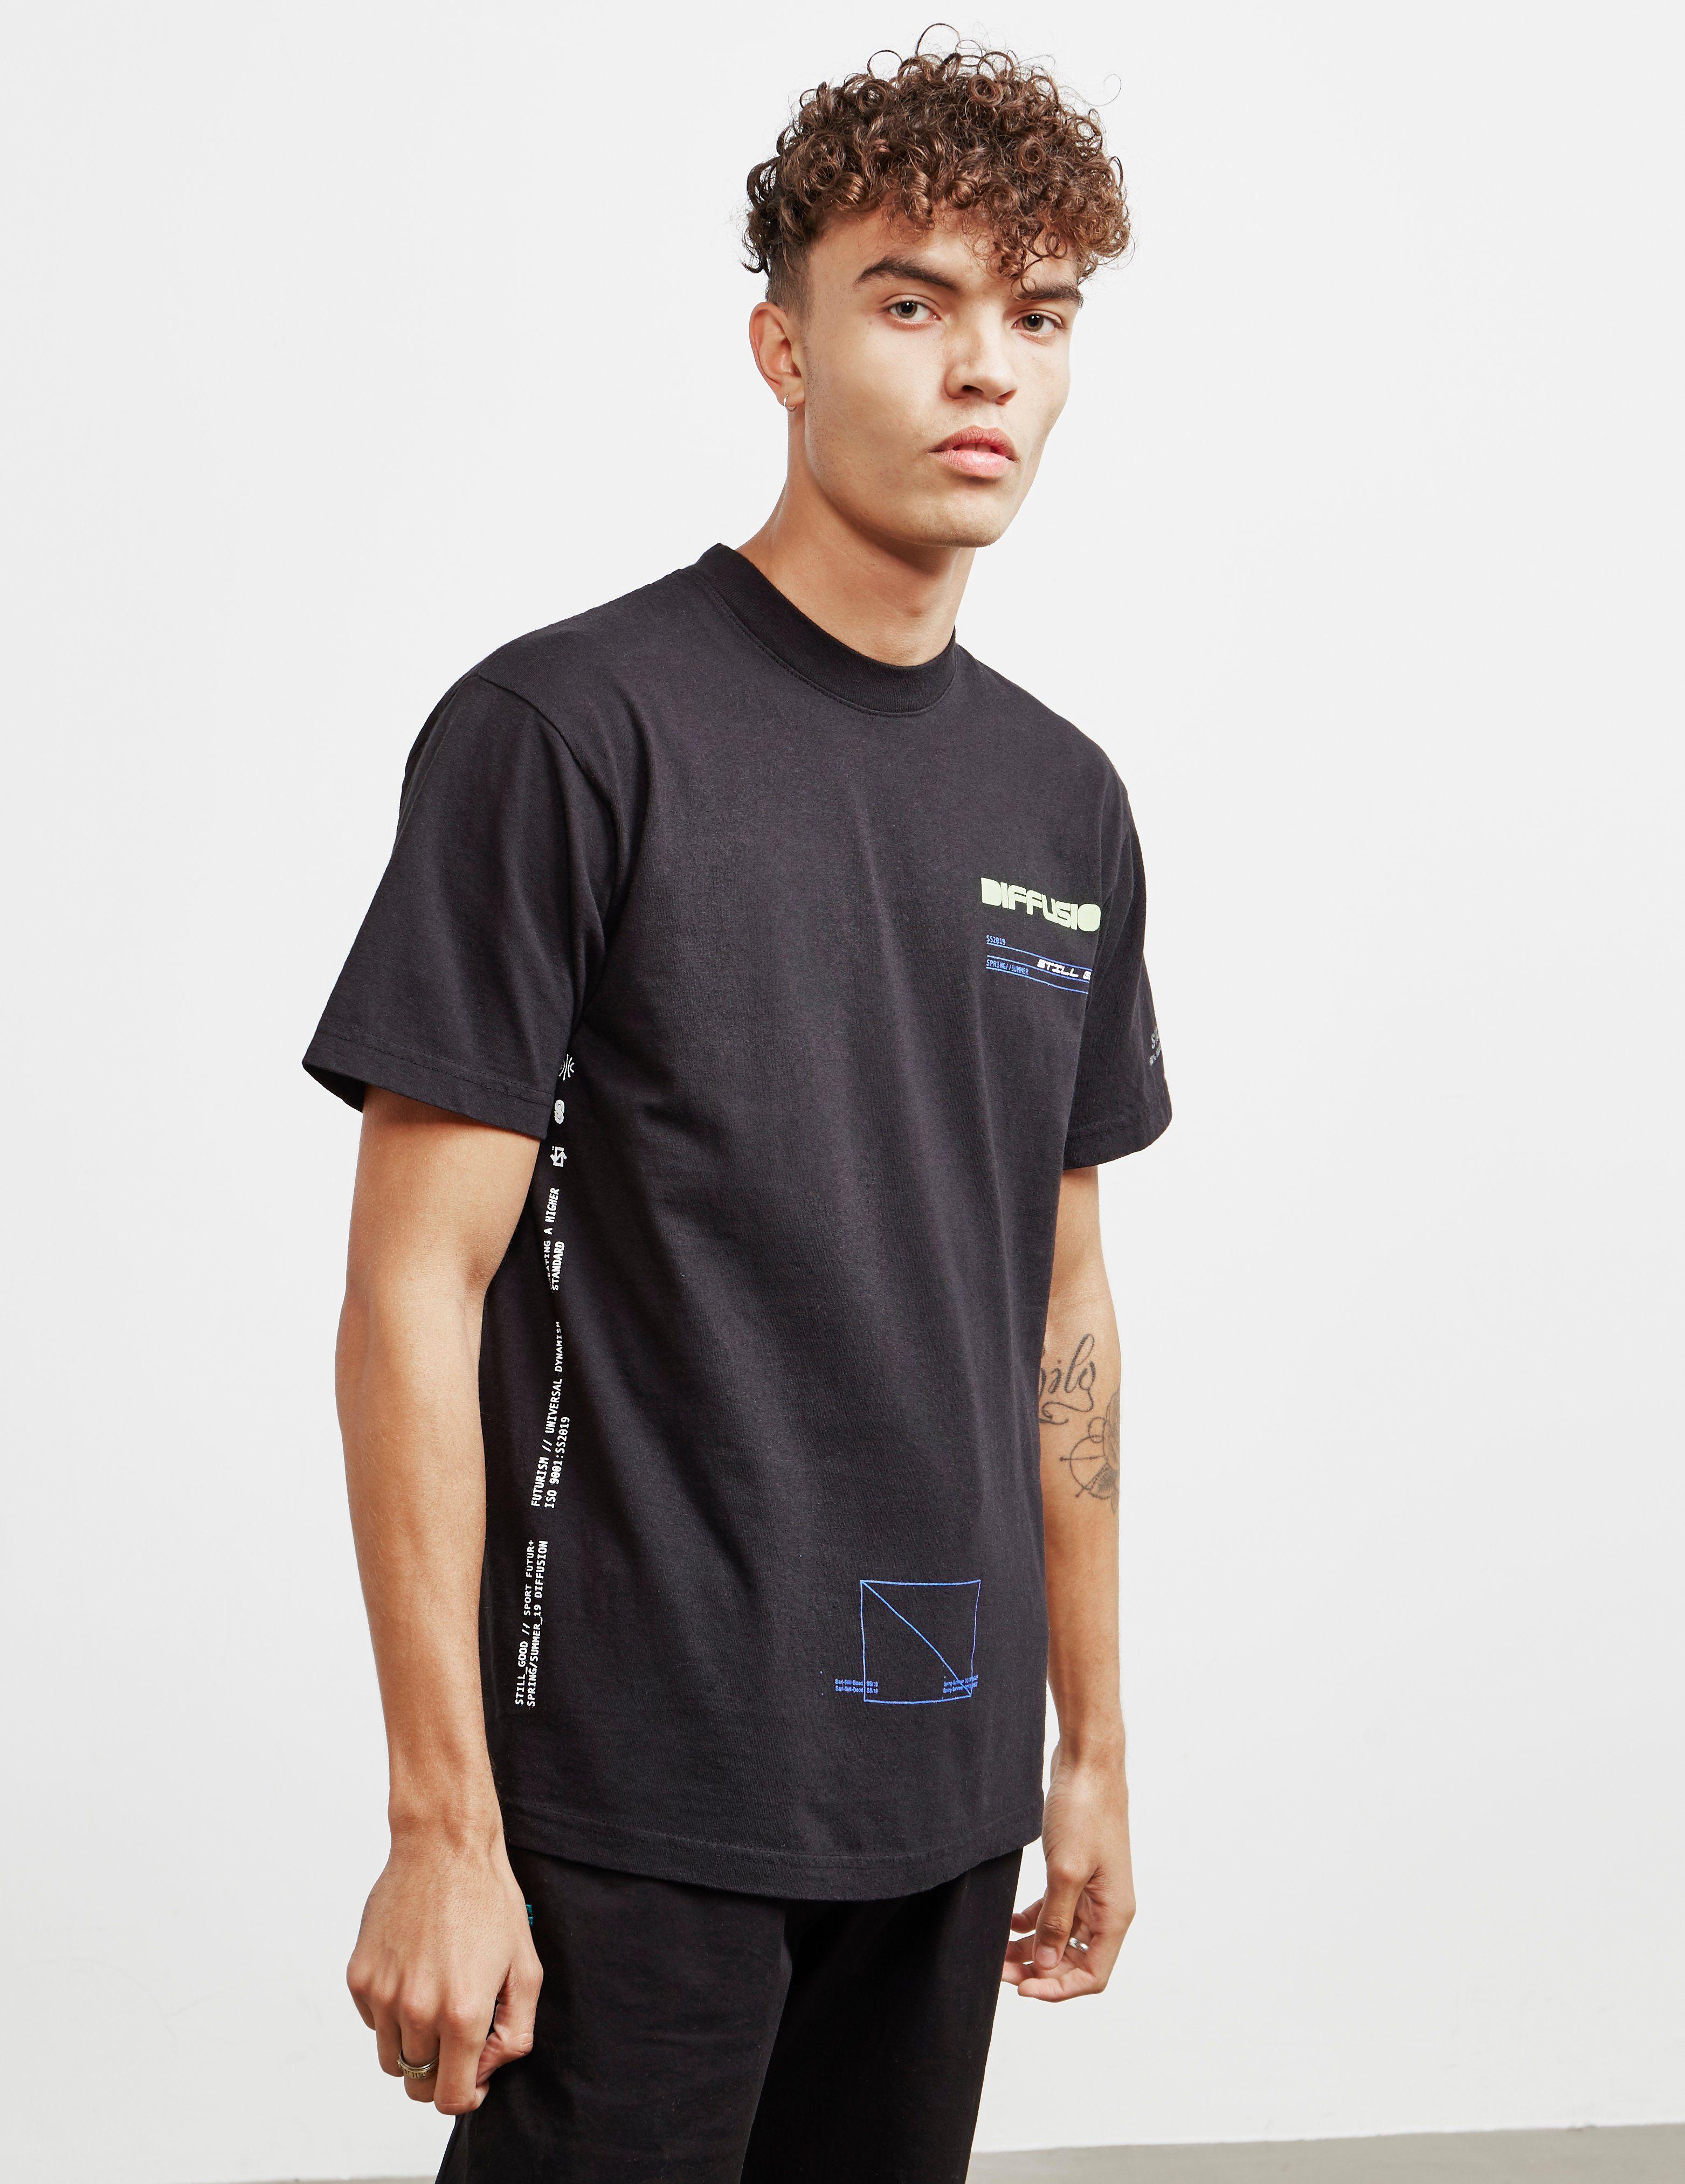 Still Good Diffision Short Sleeve T-Shirt